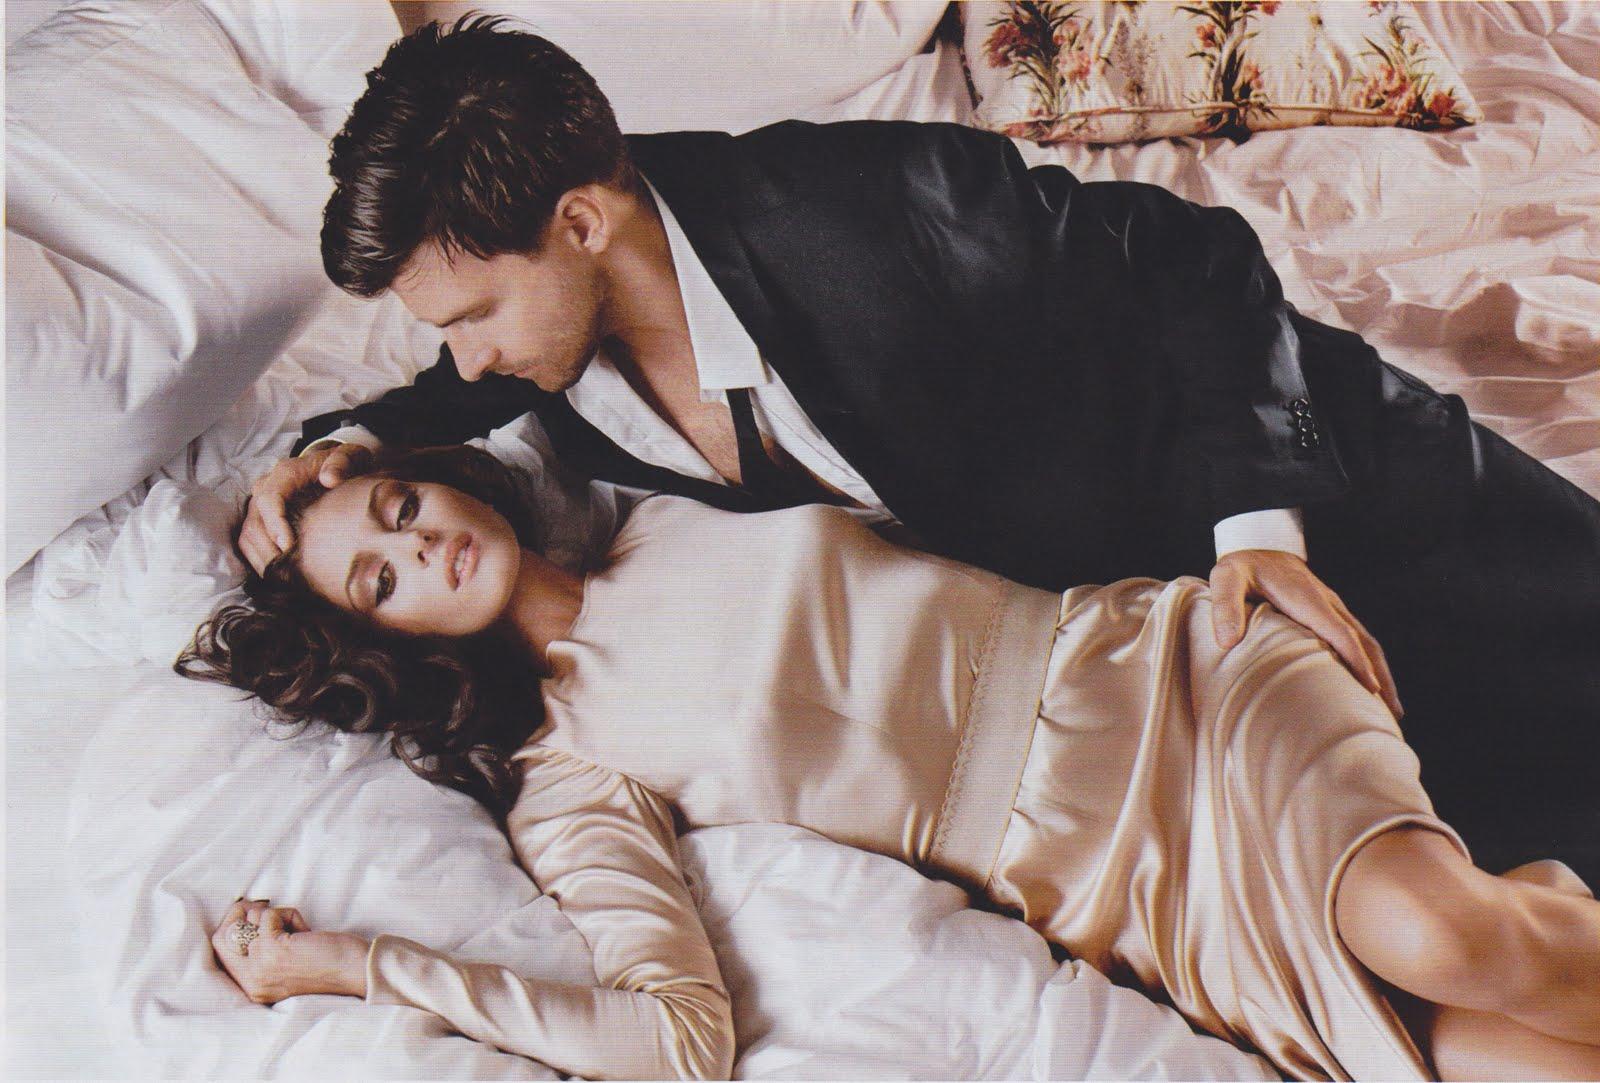 Фото девушки и мужчины в постели 2 фотография